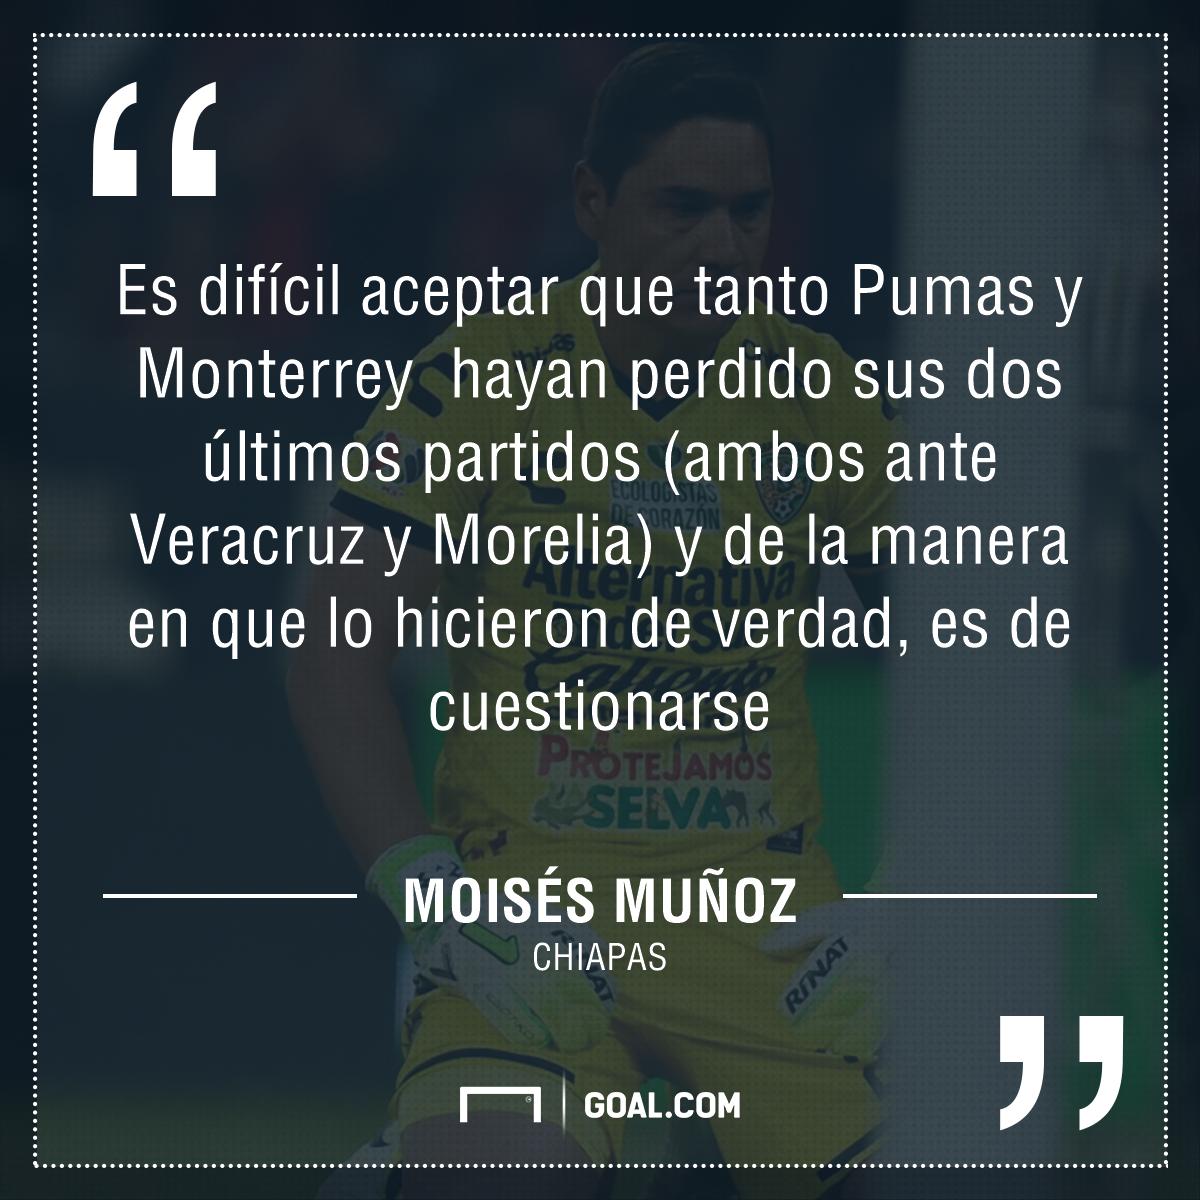 Afiche Moi Muñoz